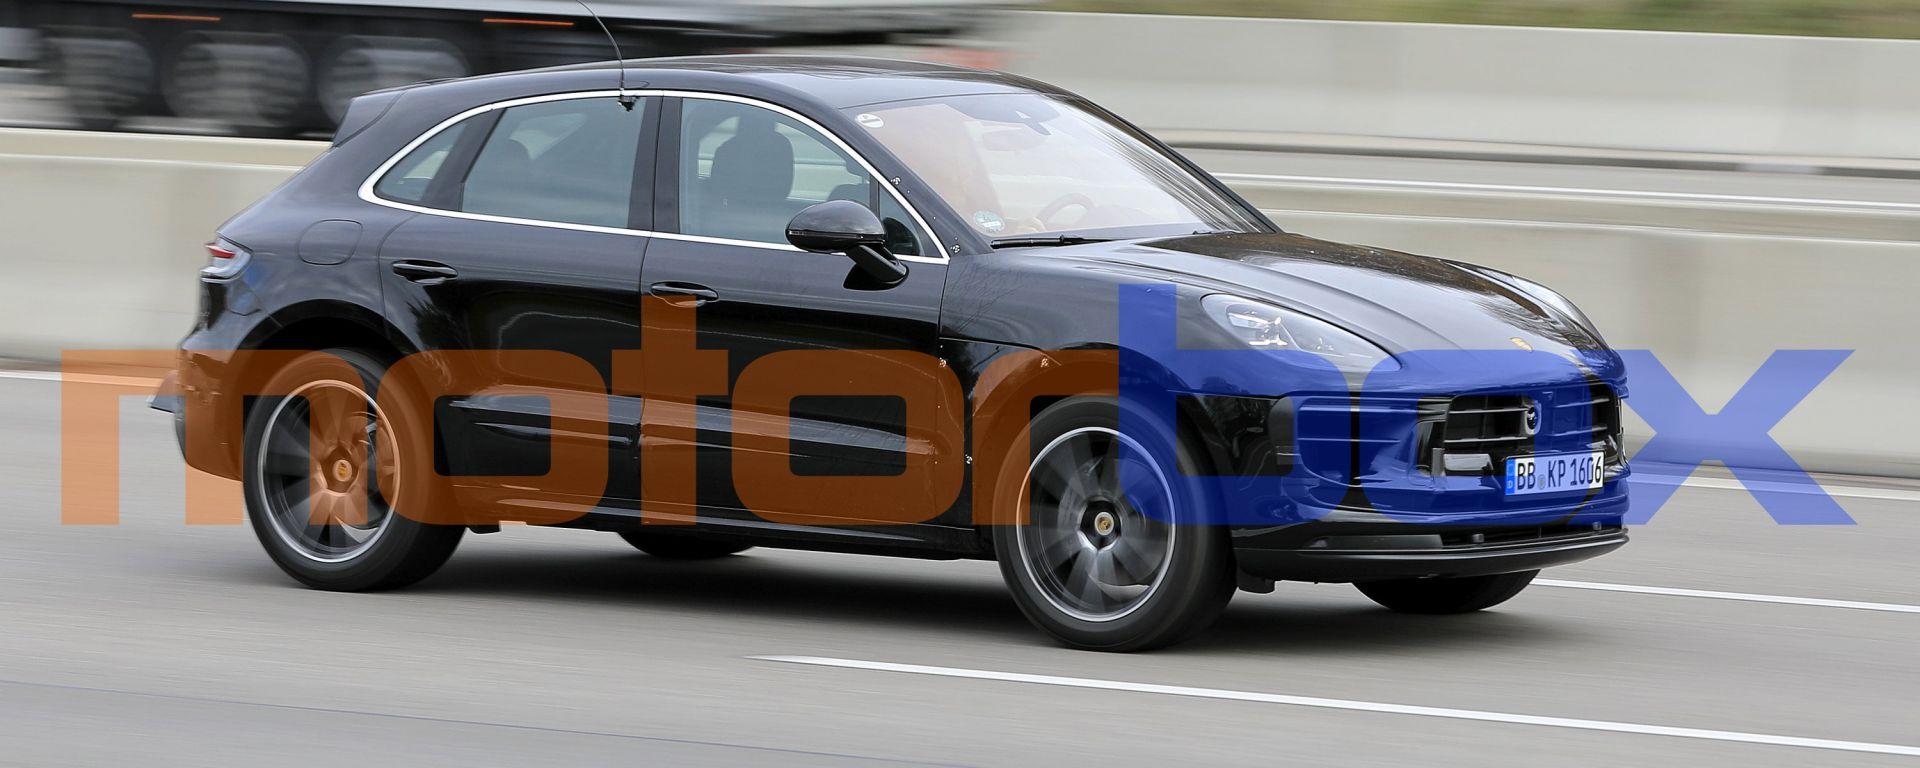 Porsche Macan 2021: foto spia del facelift